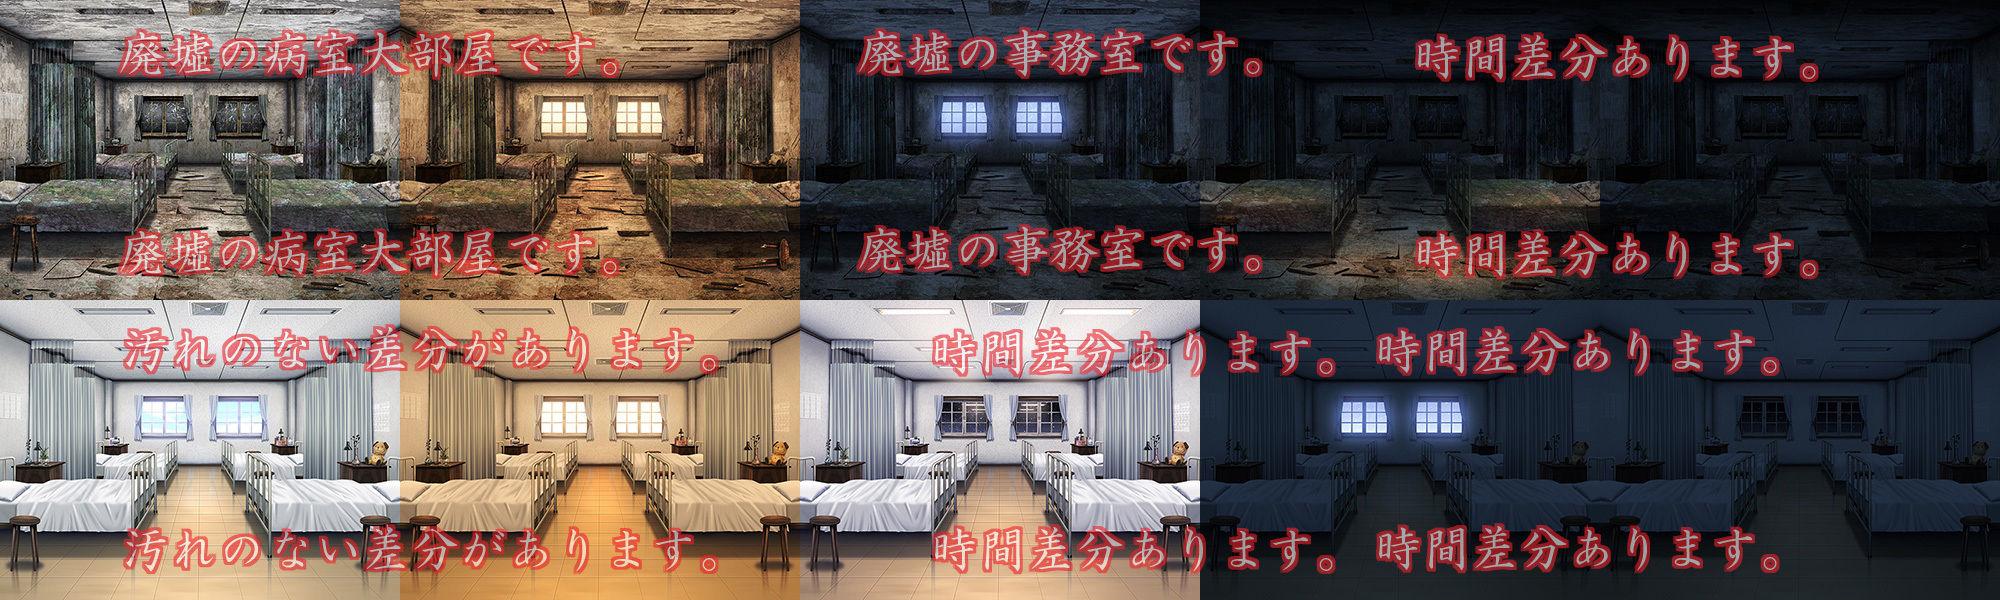 【キュキュキュのQのQ 同人】著作権フリー背景CG素材「廃墟の病室大部屋」